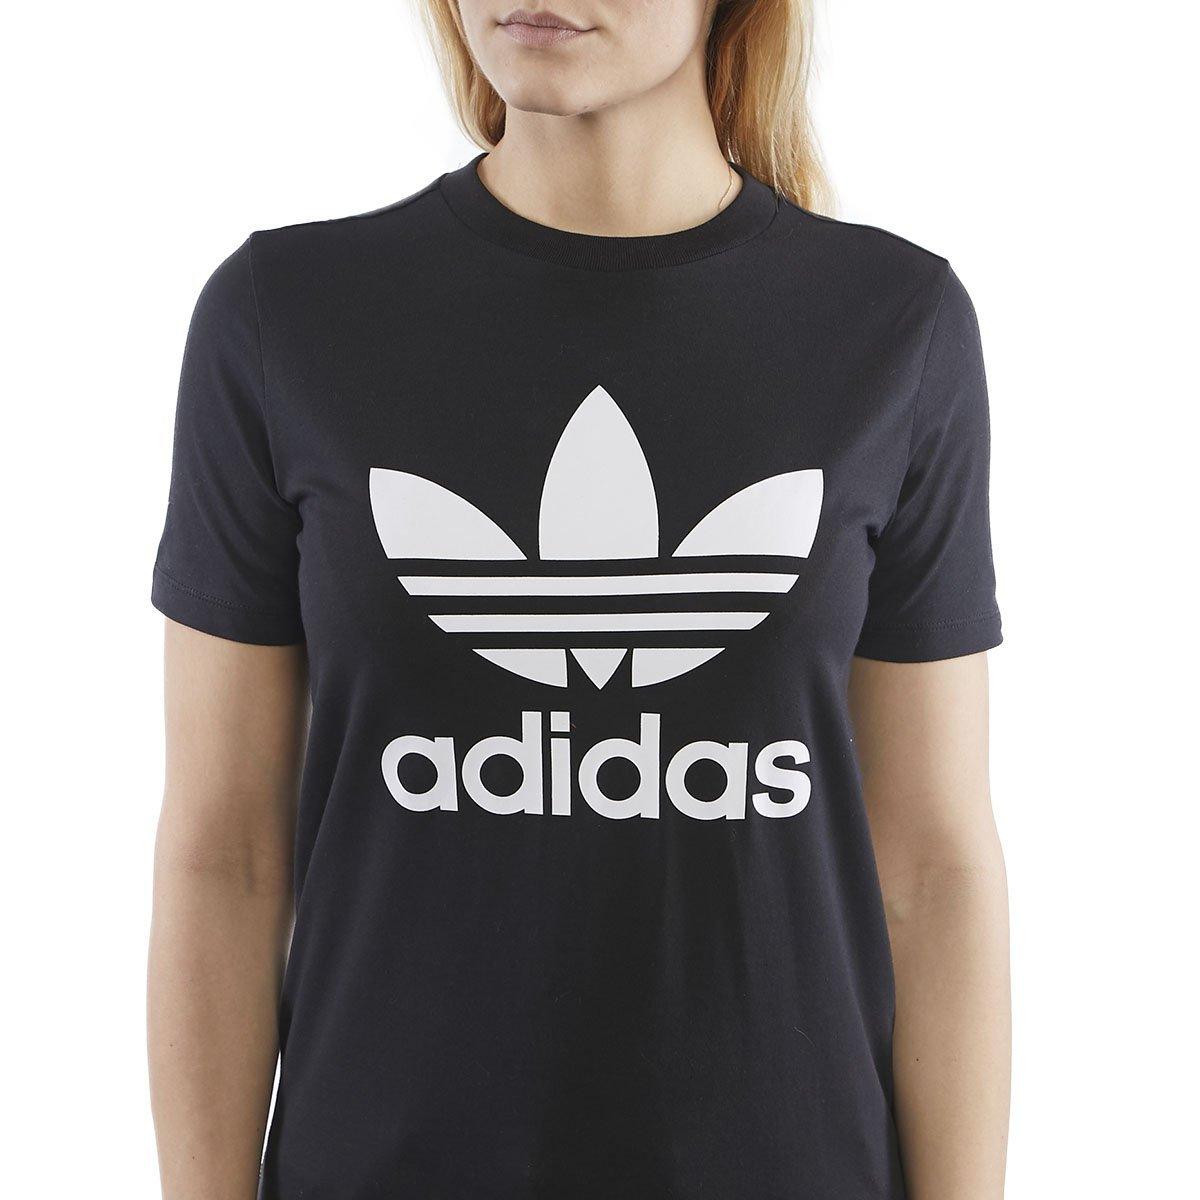 Adidas Originals Trefoil T shirt BlackWhite